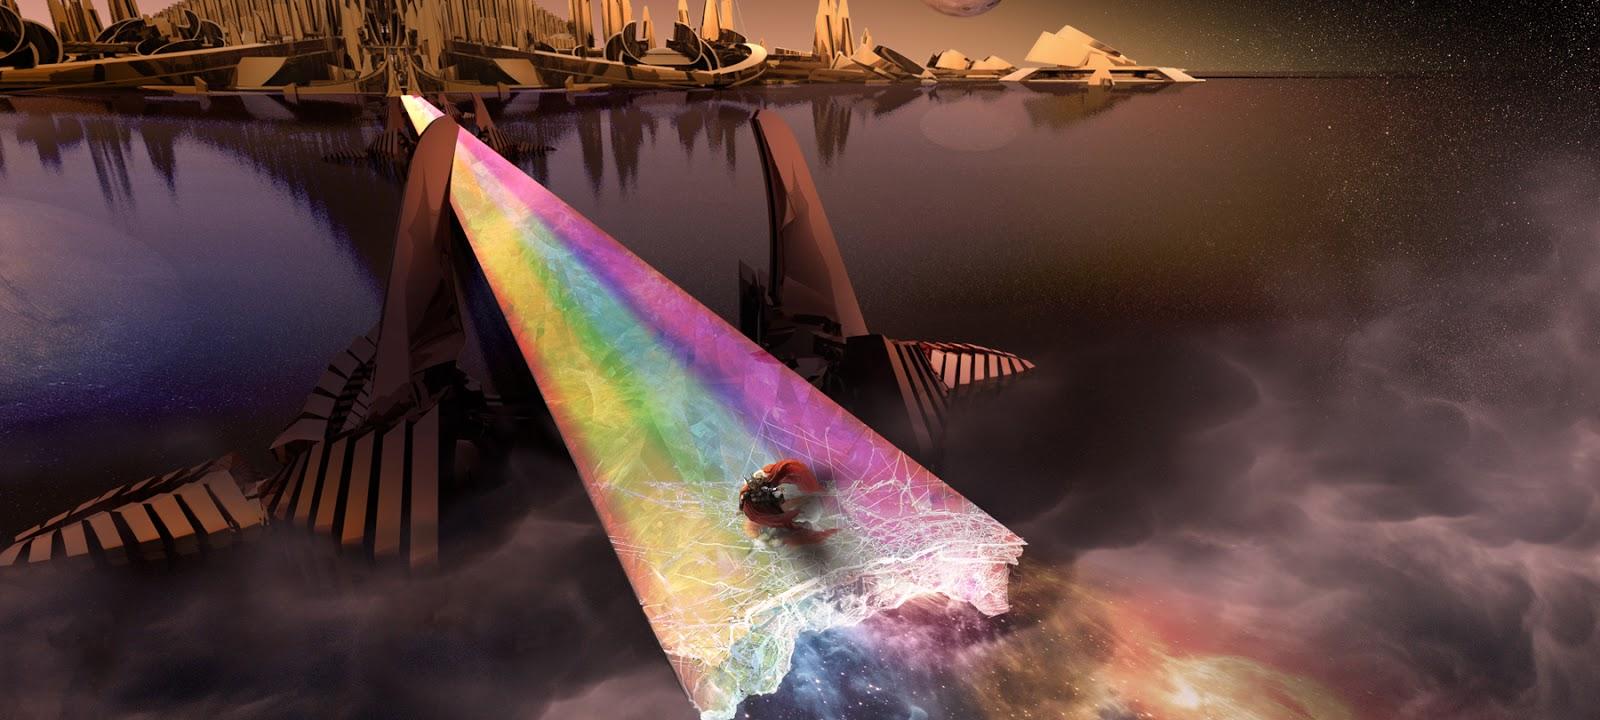 nebula rainbow bridge thor - photo #30